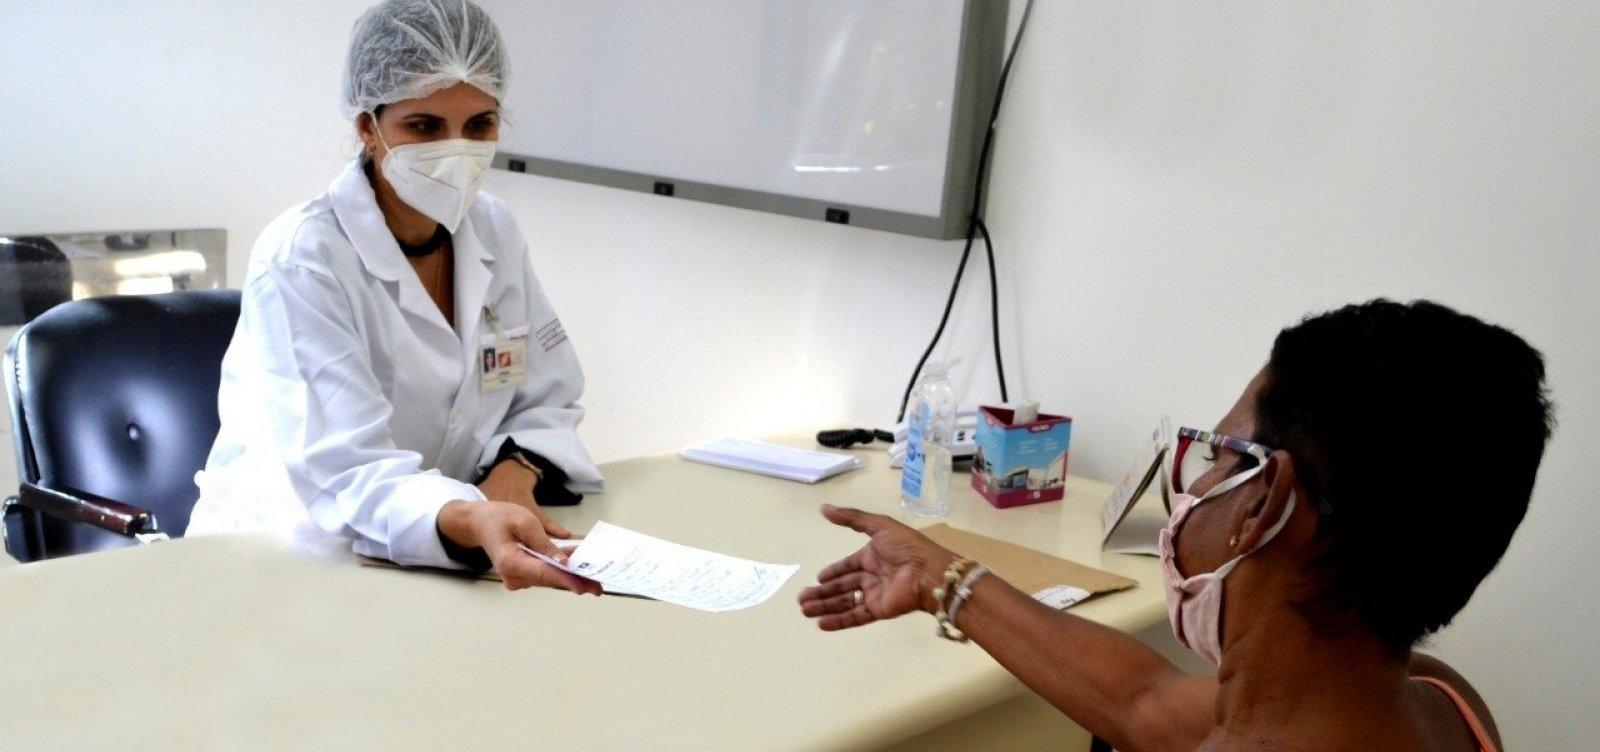 [Fundação José Silveira assegura tratamento aos pacientes com tuberculose no IBIT durante pandemia]